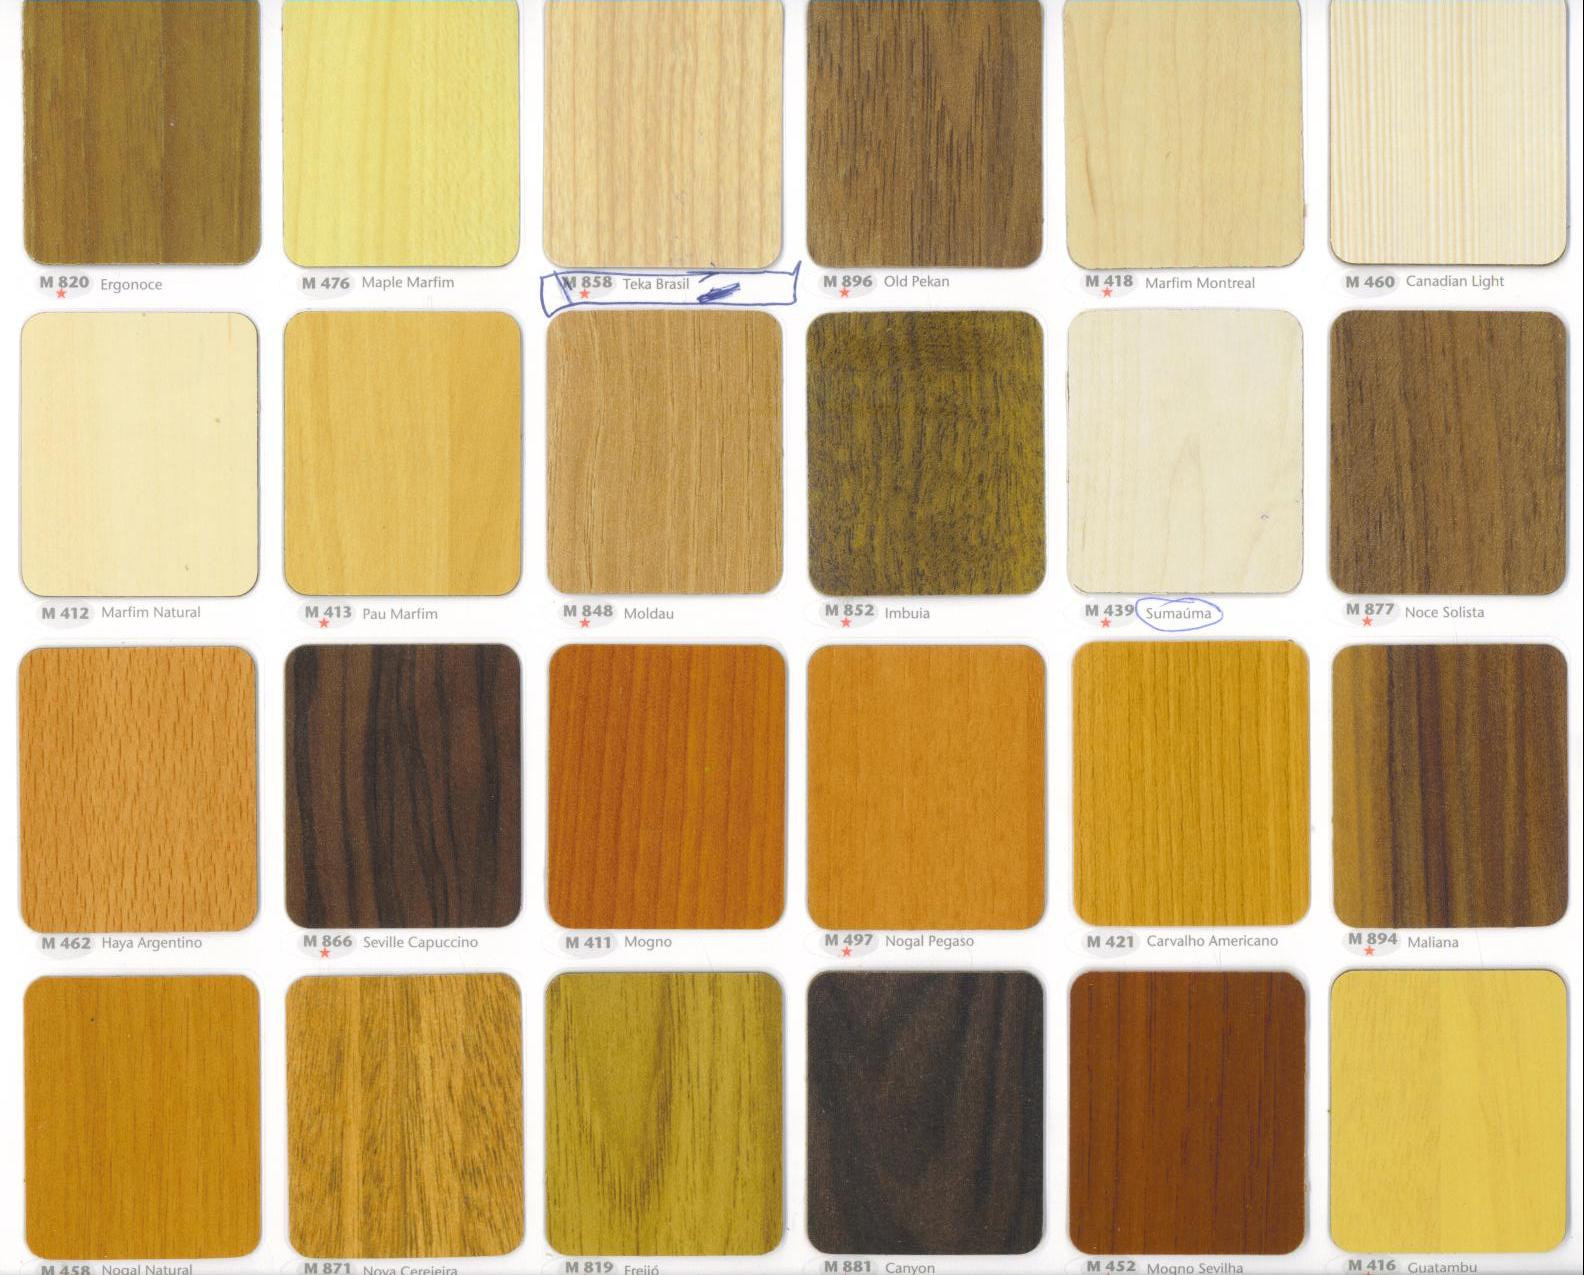 mostruario de cores de mdf padrão madeira para confecções de  #AB8920 1584x1275